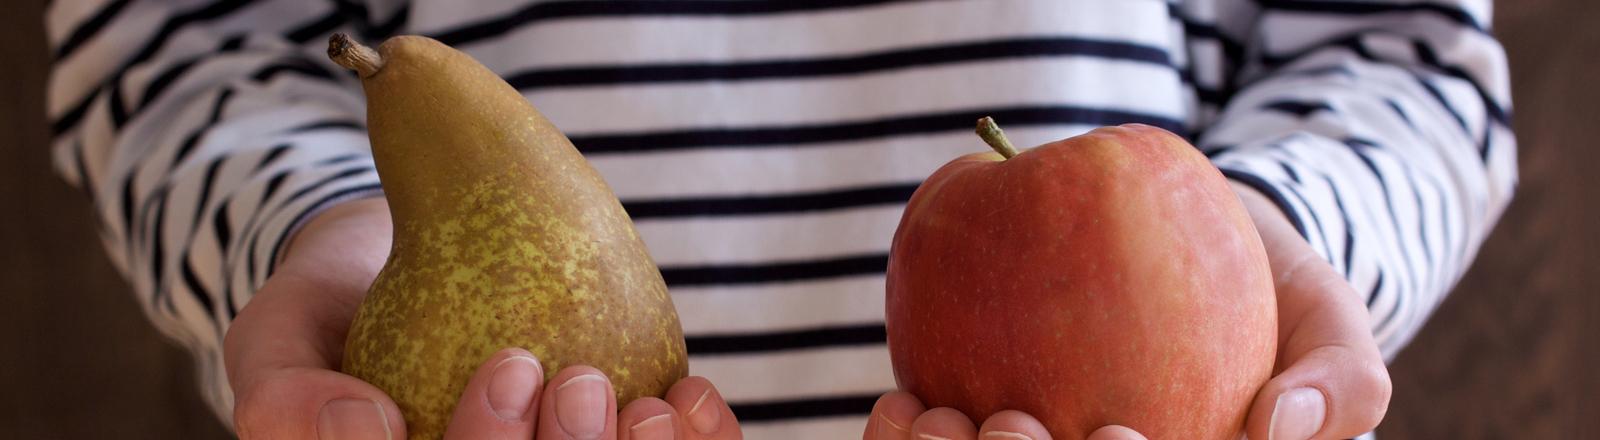 Zwei Hände werden der Kamera entgegengestreckt. Die eine Hand hält eine Birne, die andere einen Apfel.